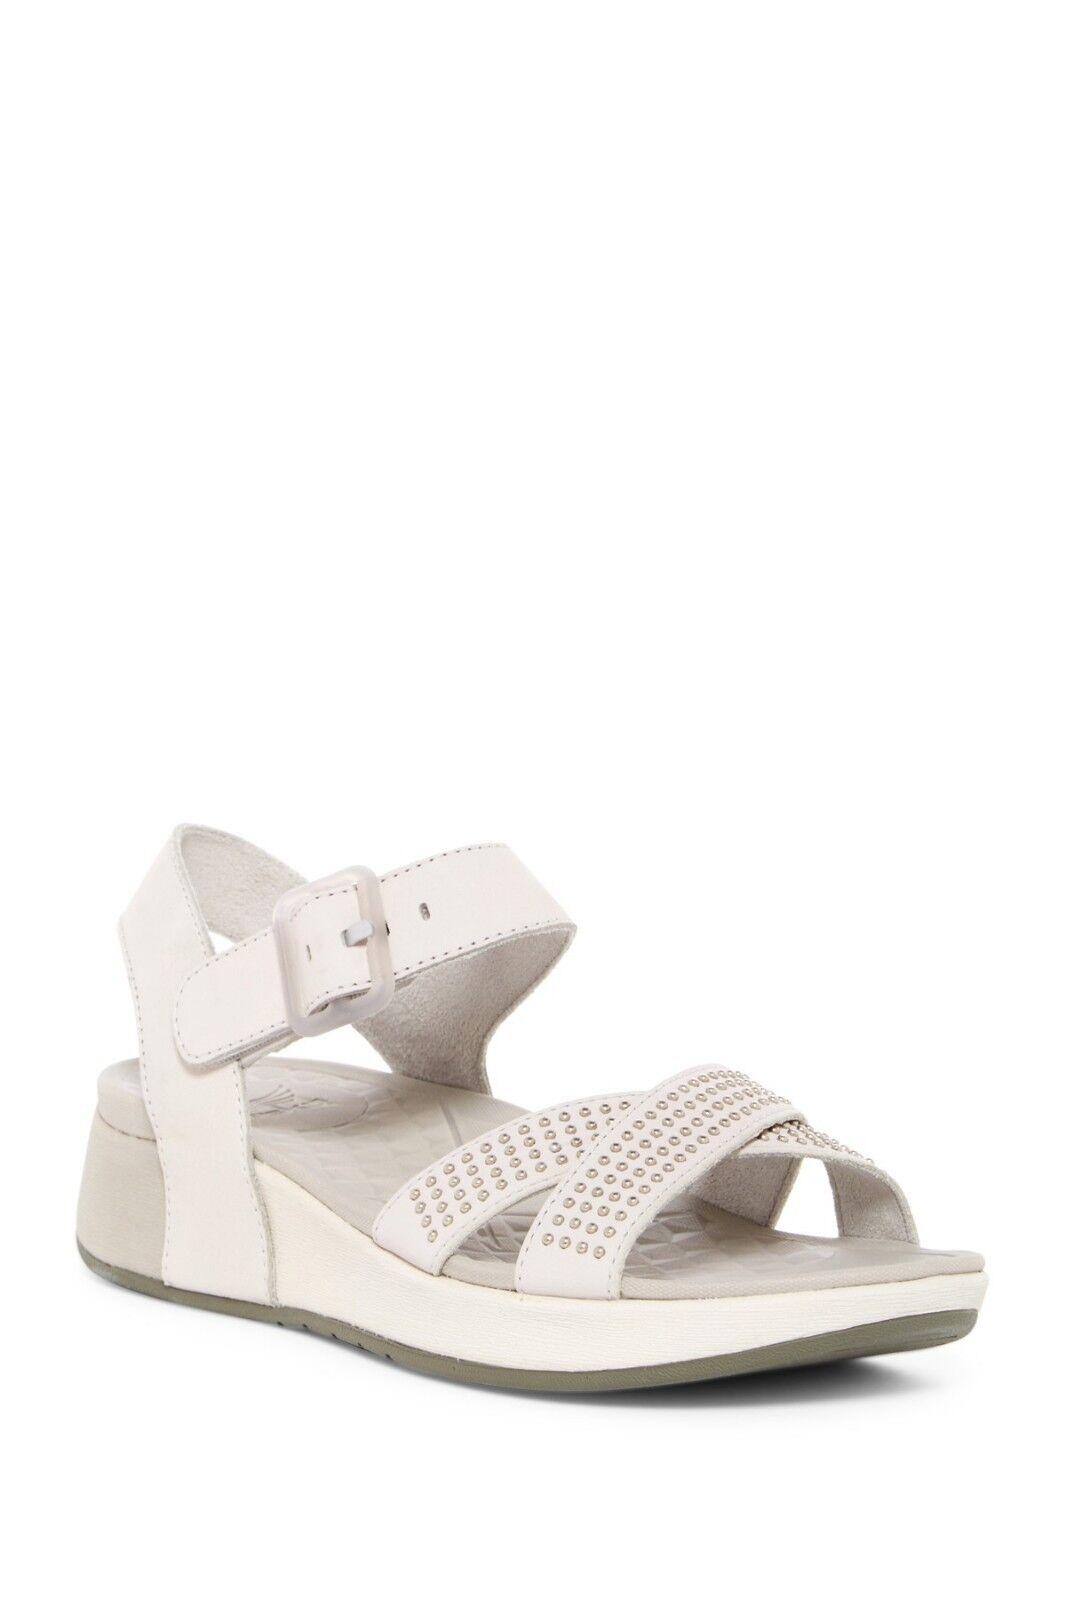 Dansko Cindy Wedge Platform Sandal Size 6.5-7US/ 37EU